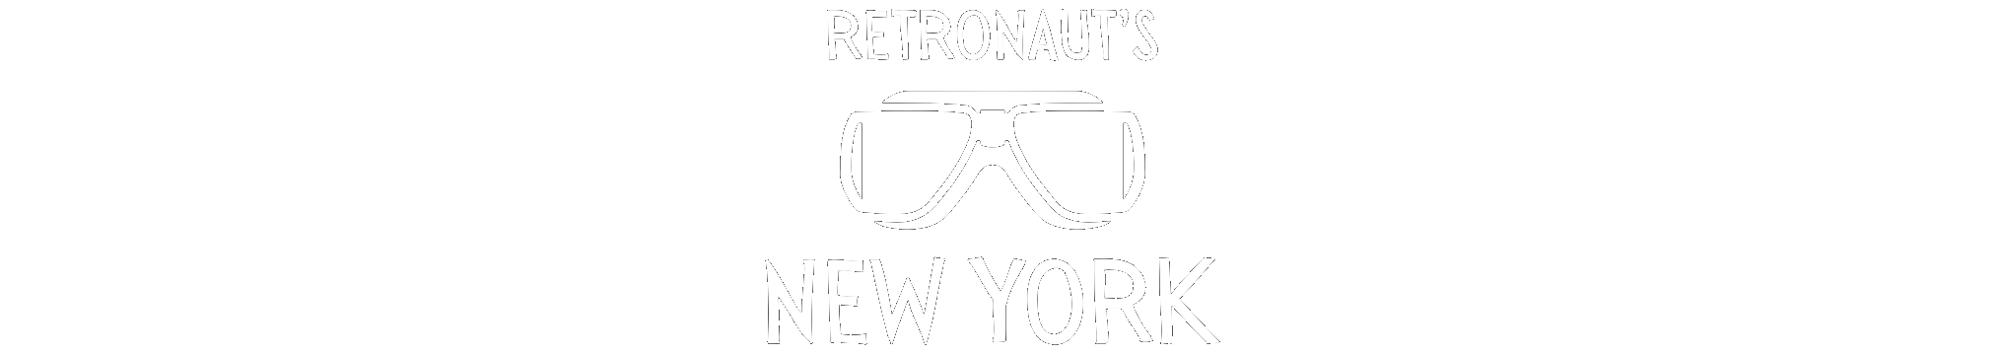 retronaut-rny-logo-wide.png